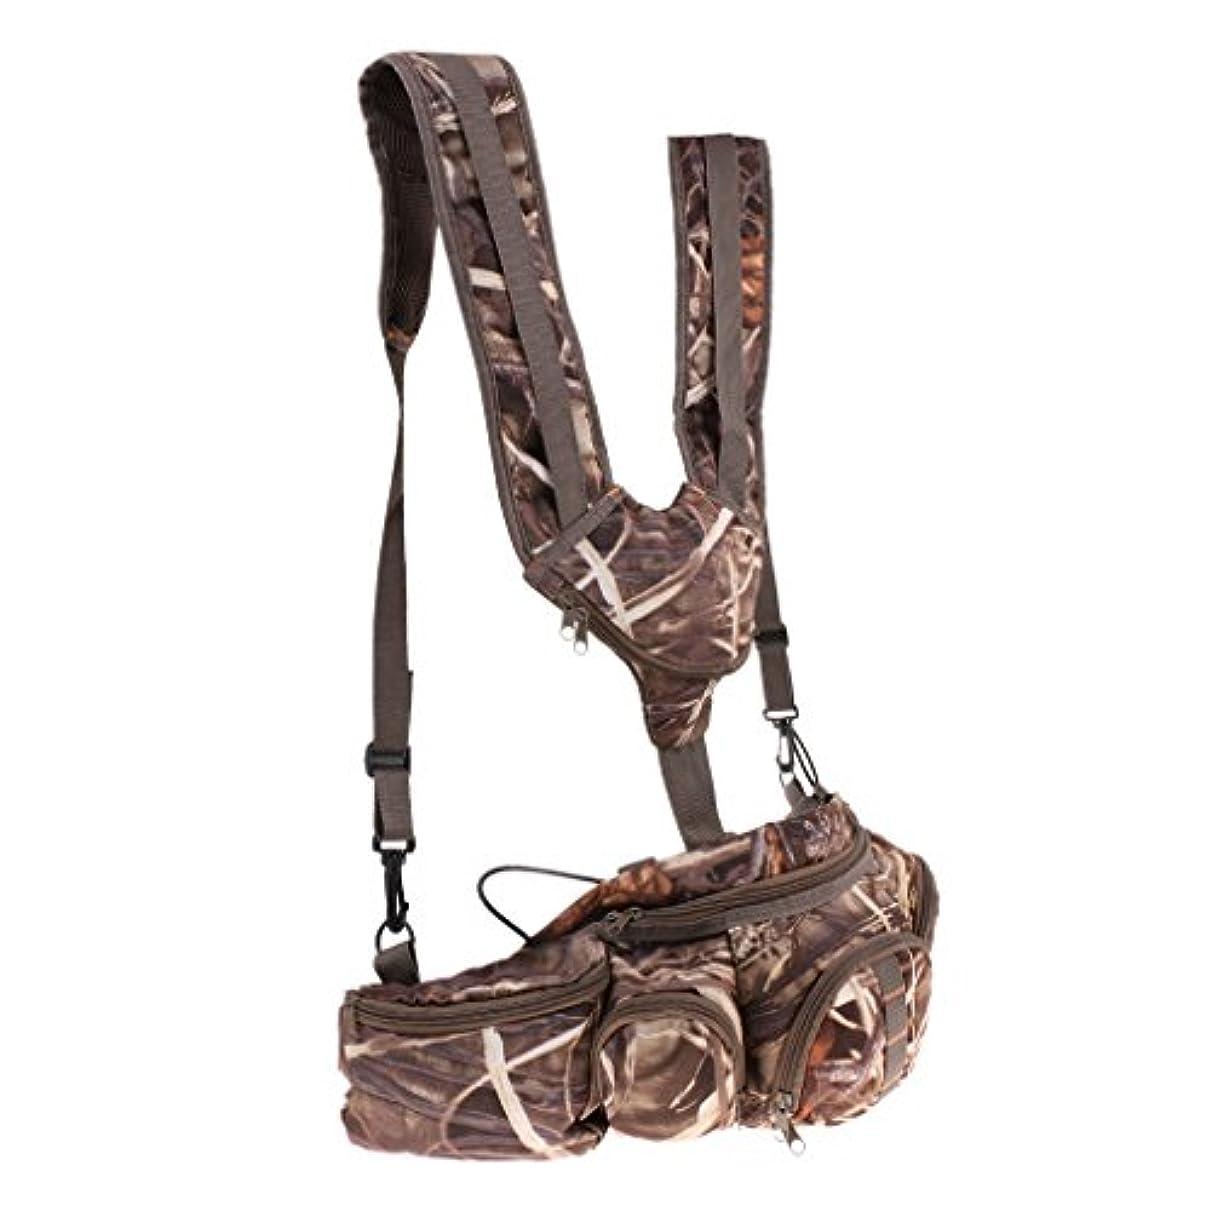 喜んで印象的端SunniMix マルチポケット タックルバッグ ウエストバッグ 迷彩 多機能 収納袋 キャンプ 釣り 屋外 便利 調整可能